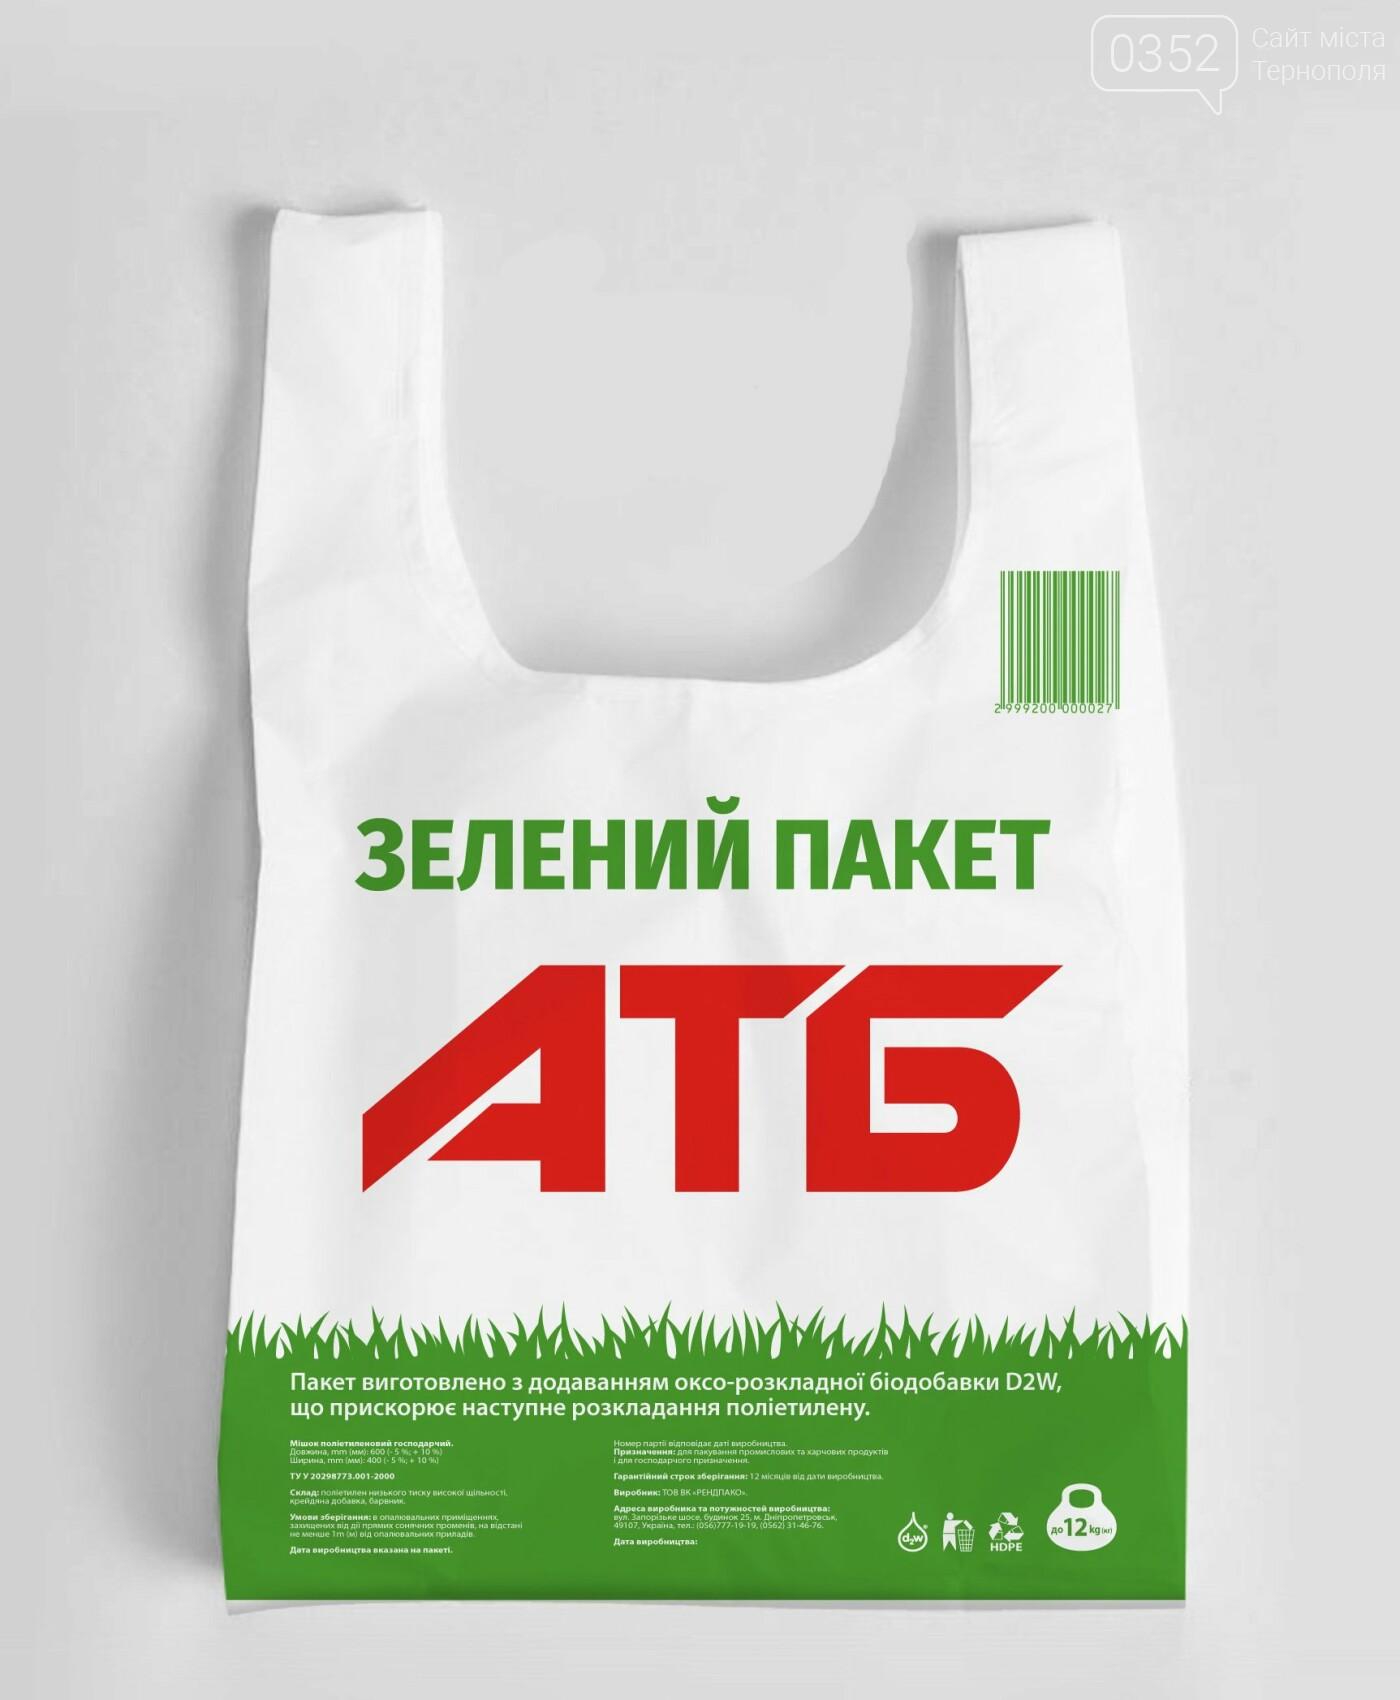 Найбільша торговельна мережа України «АТБ» впроваджує нову екоініціативу – пакети з кукурудзяного крохмалю, фото-8